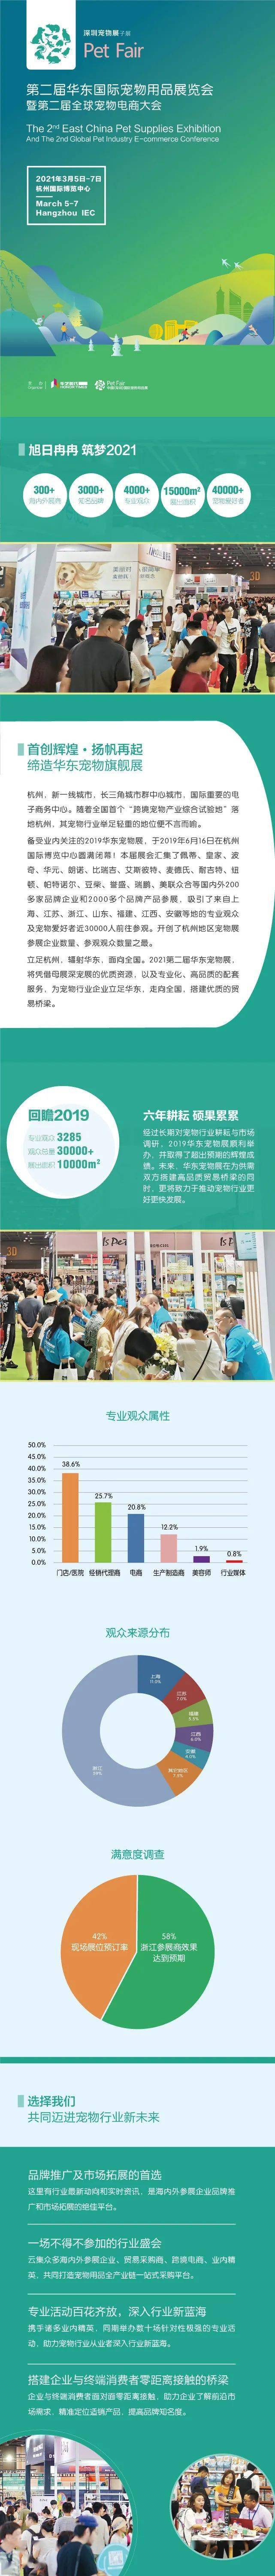 【行业信息】三月出现在杭州!第二届华东国际宠物用品展览会暨第二届全球宠物电子商务大会